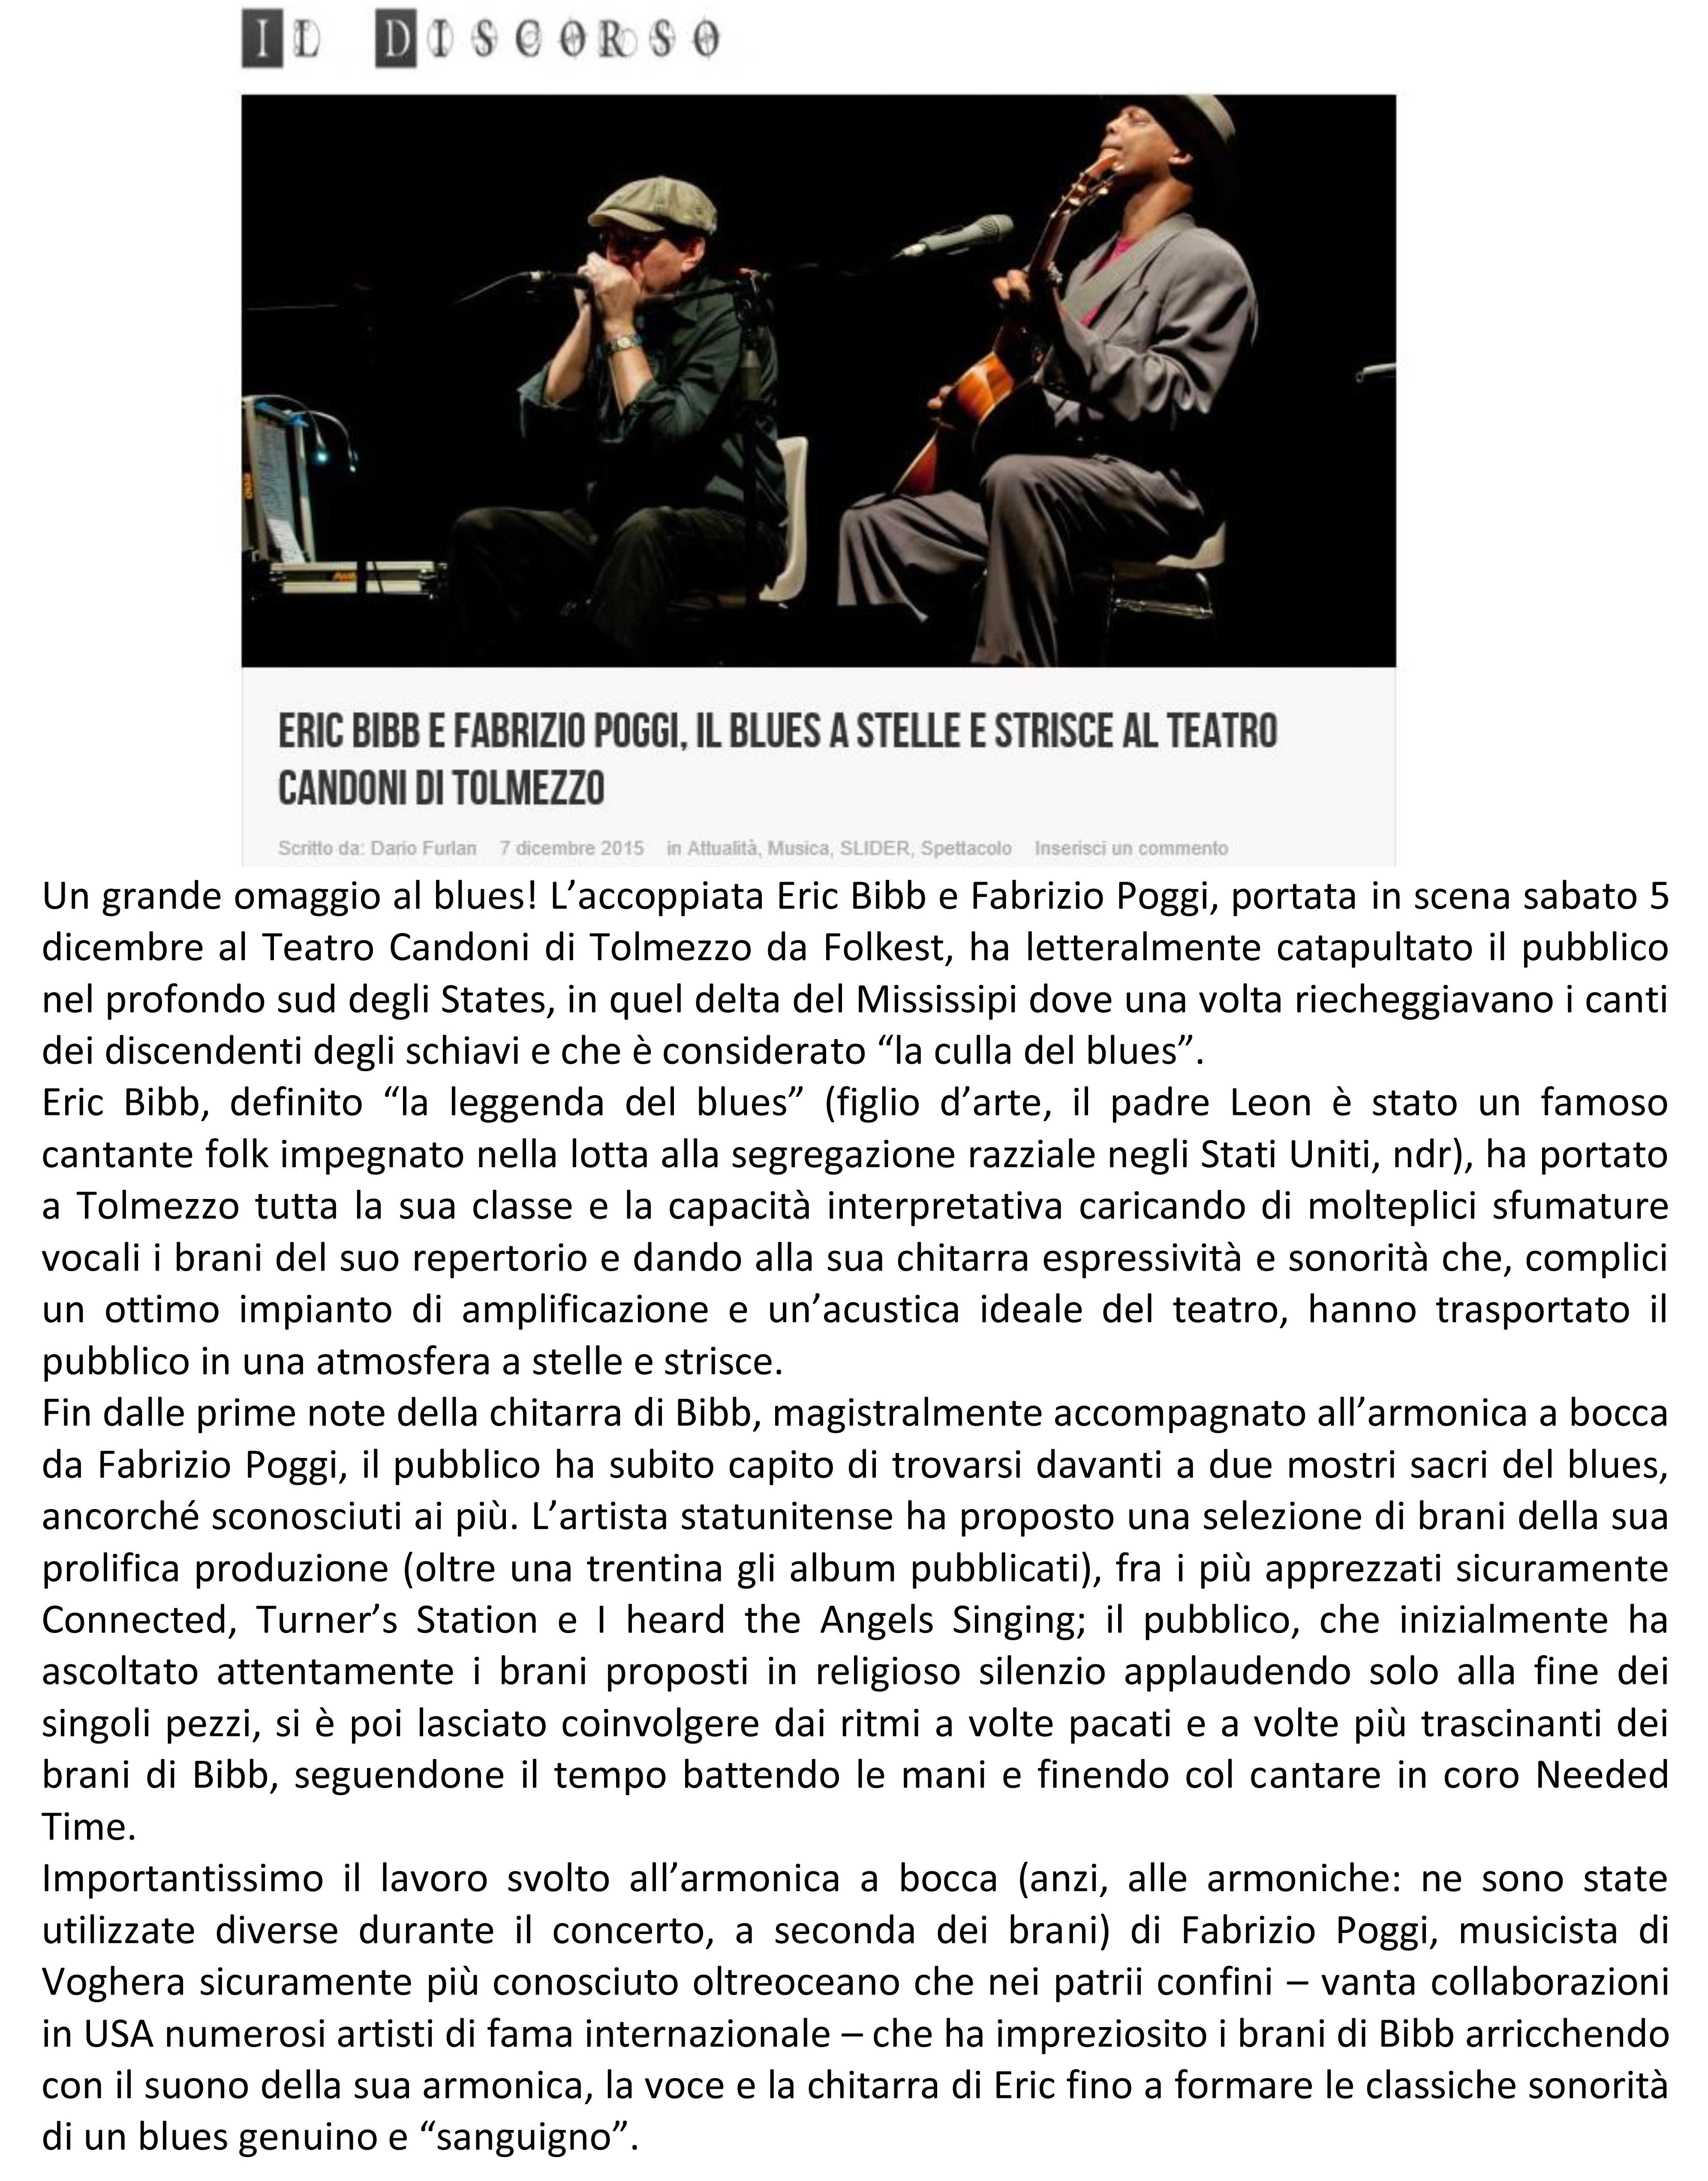 TOLEMZZO recensione concerto Fabrizio Poggi & Eric Bibb Un grande omaggio al blues copia